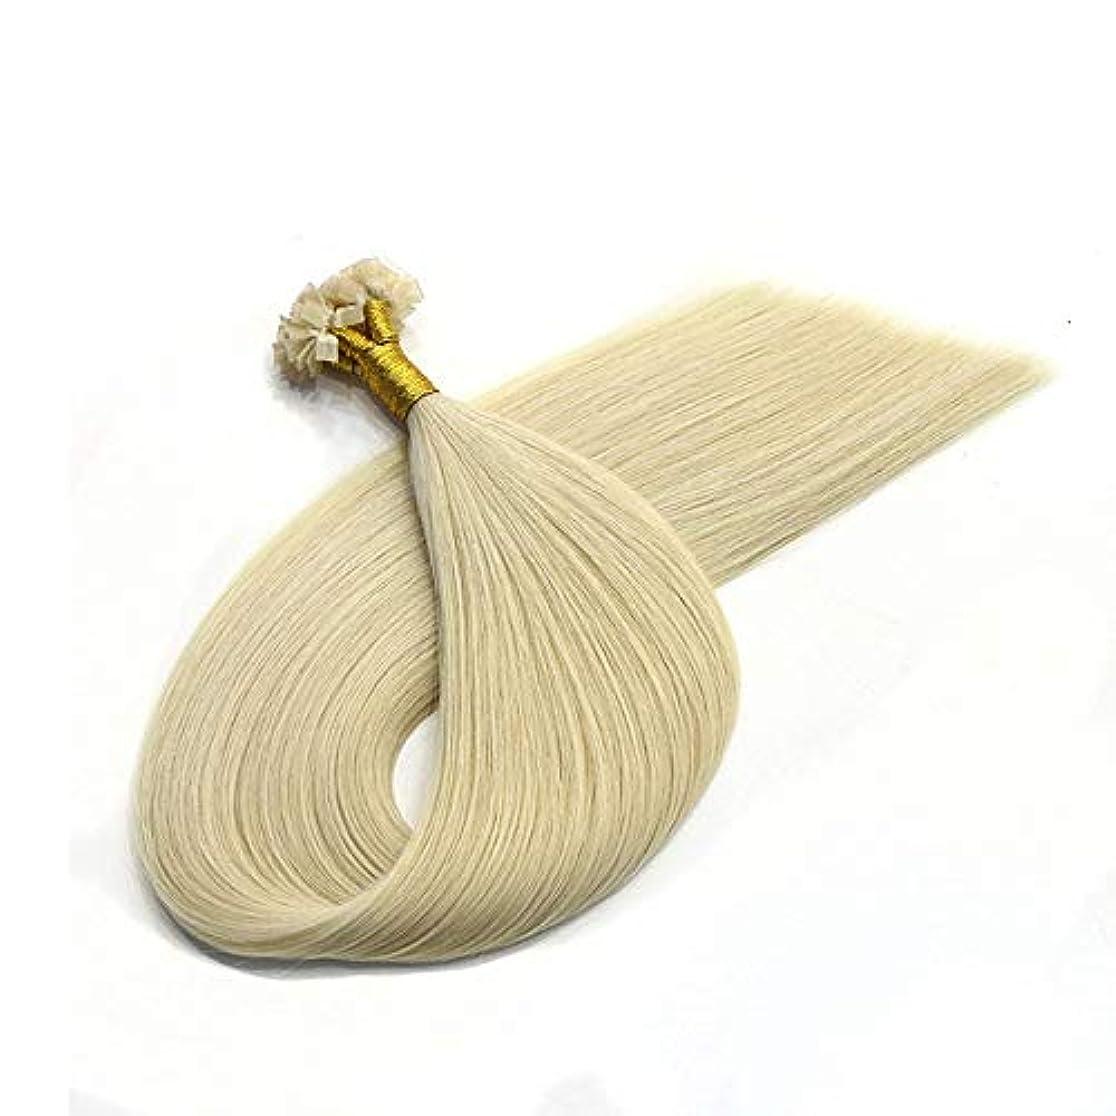 兵隊合体インキュバスWASAIO ヘアエクステンションクリップUnseamed髪型アッシュブロンドのブラジルレミーナノヒントビーズ100%人間の髪 (色 : Blonde, サイズ : 10 inch)